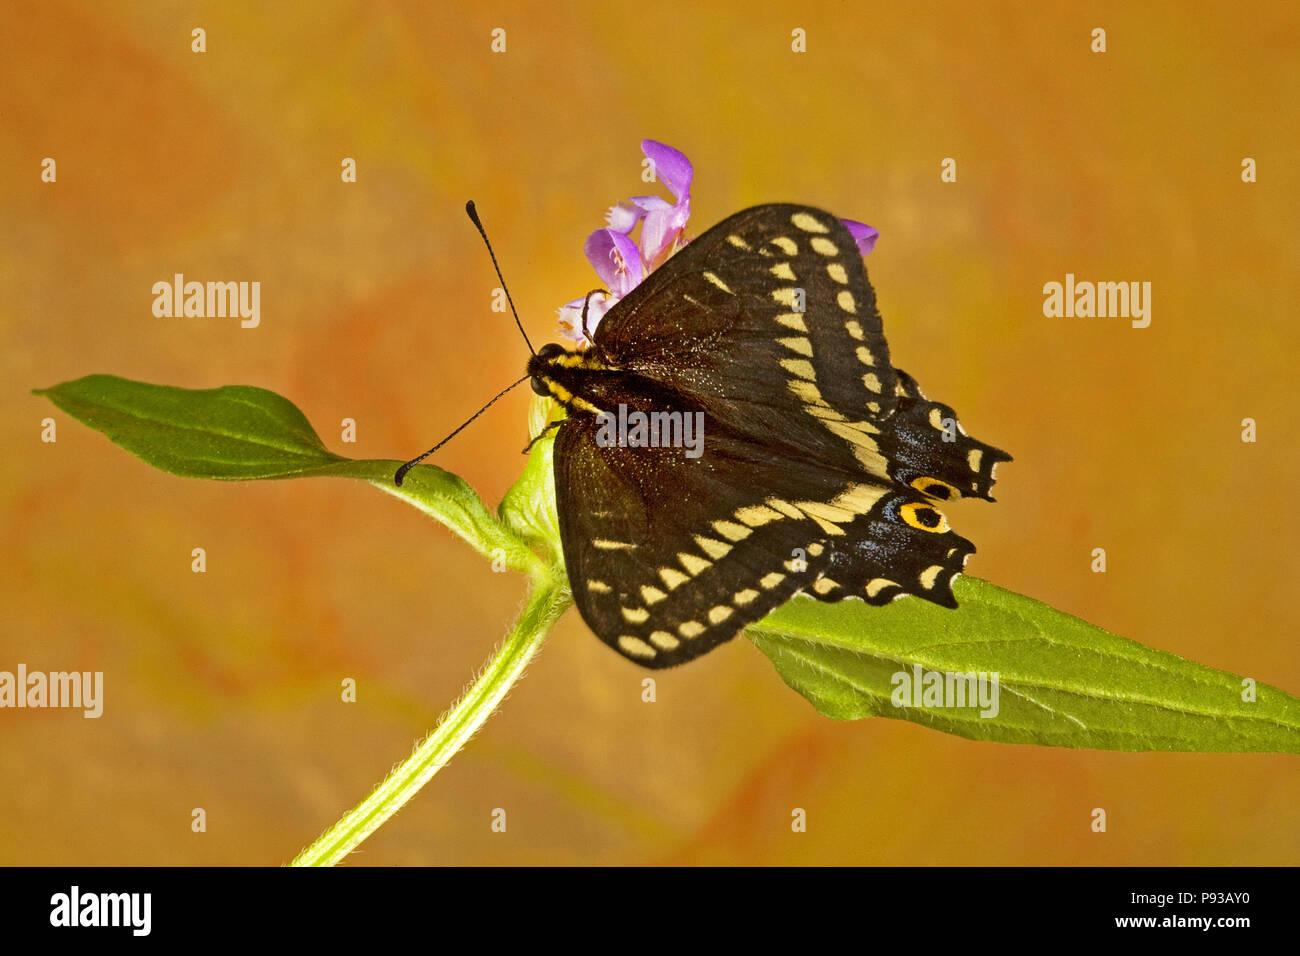 Vista dorsale di un Indra a coda di rondine, butterfly Papilio indra, su un millefiori nella parte orientale di Cascade Mountains del centro di Oregon. Immagini Stock